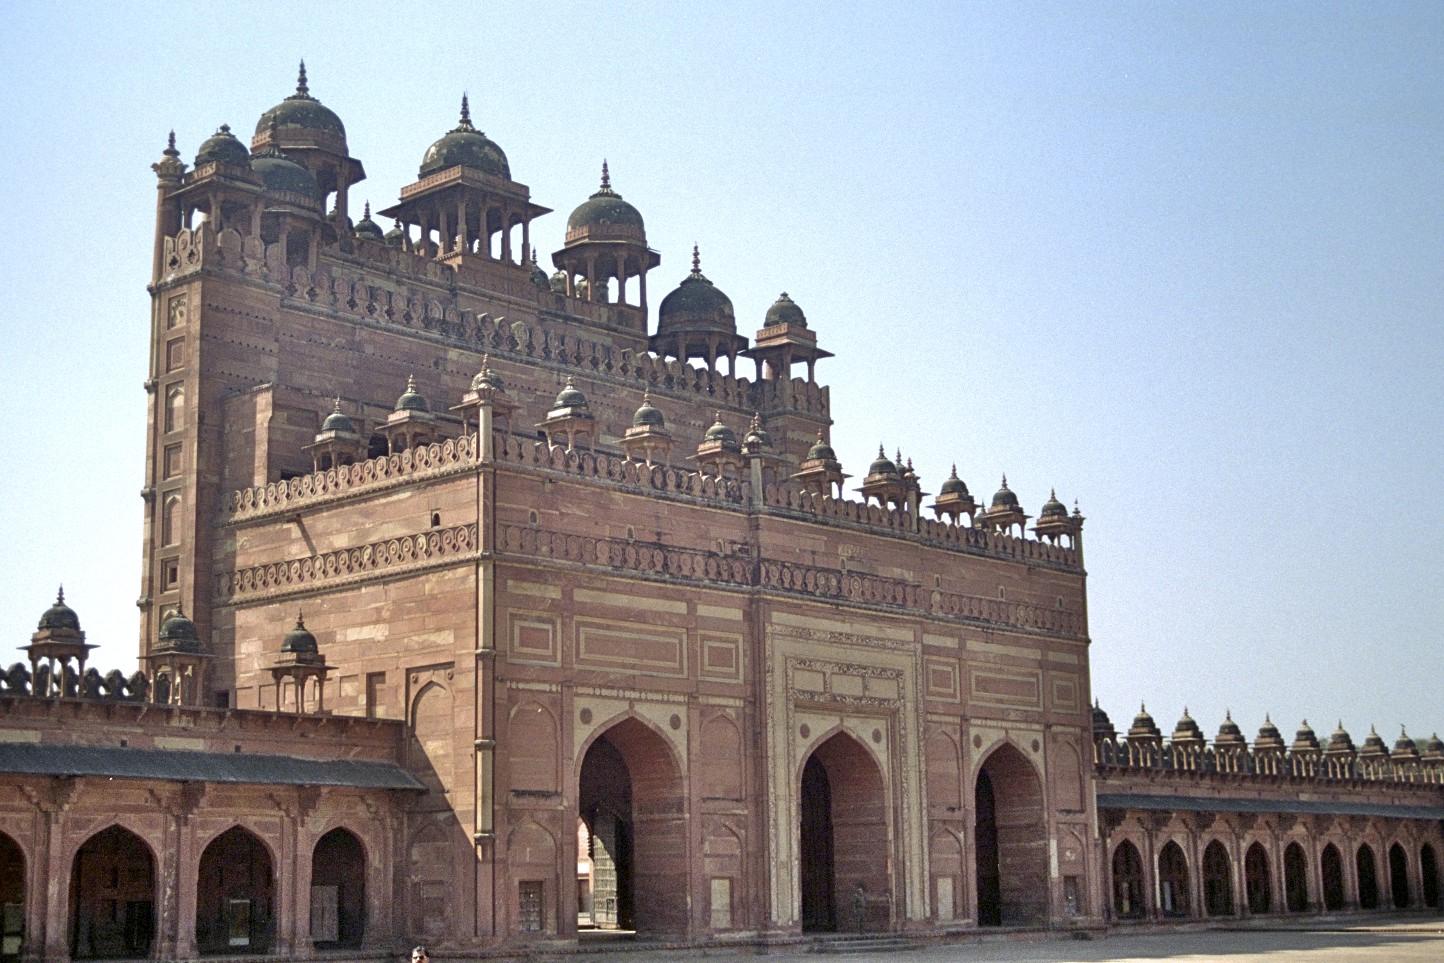 Jama Mashid, Buland Gate Fatepur Sikri 3